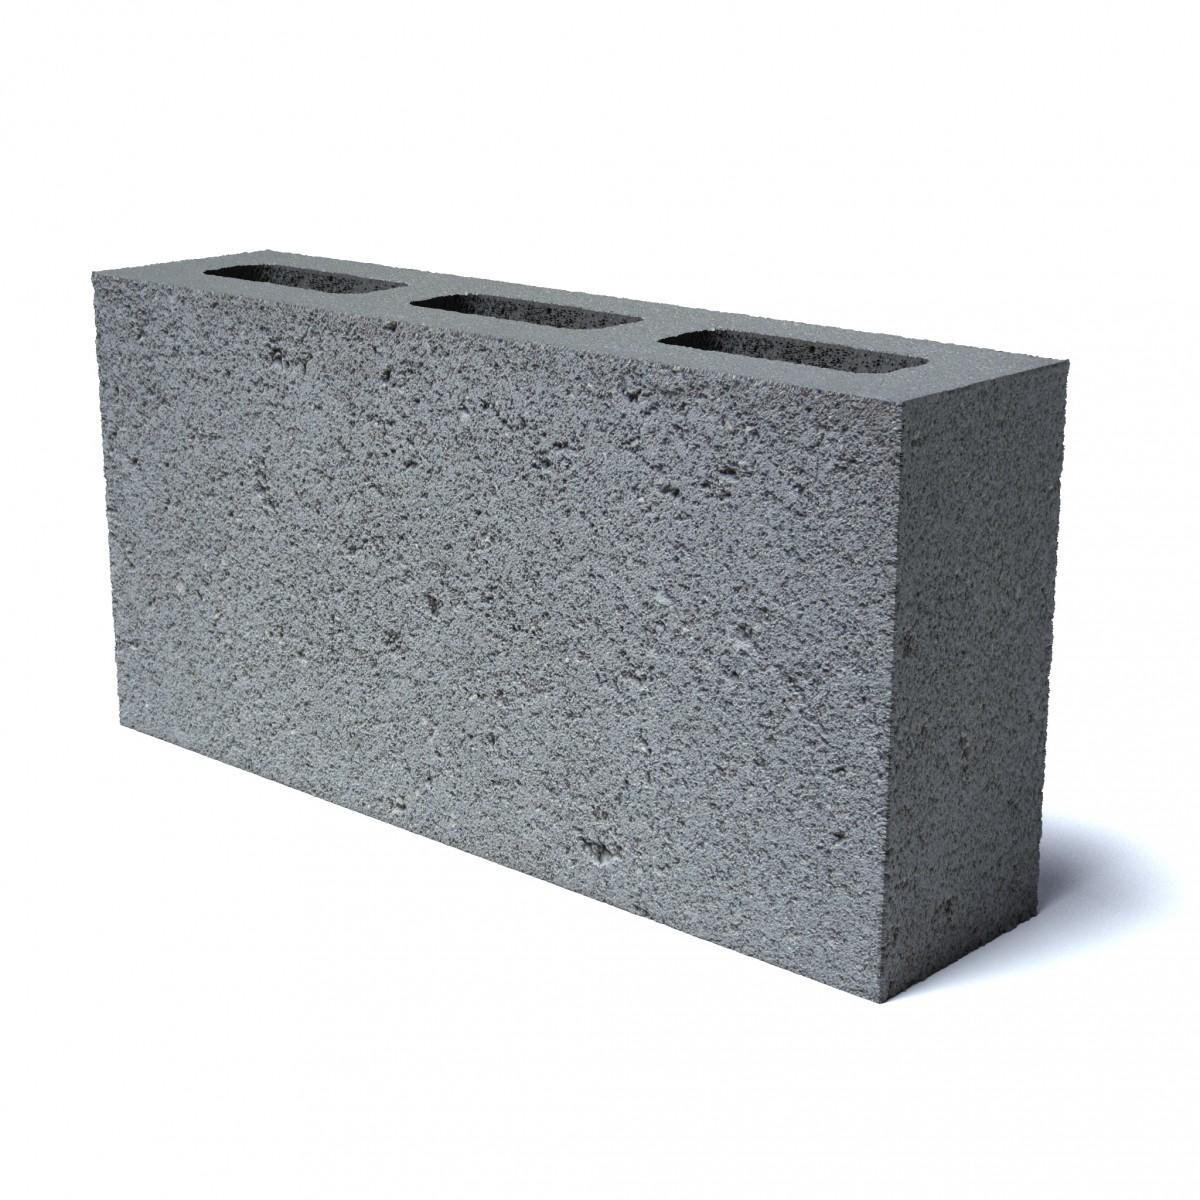 Блок перегородочный пескобетонный  пустотный СКМ 2,1 КПР-ПР-ПС-39-100-F50-1710